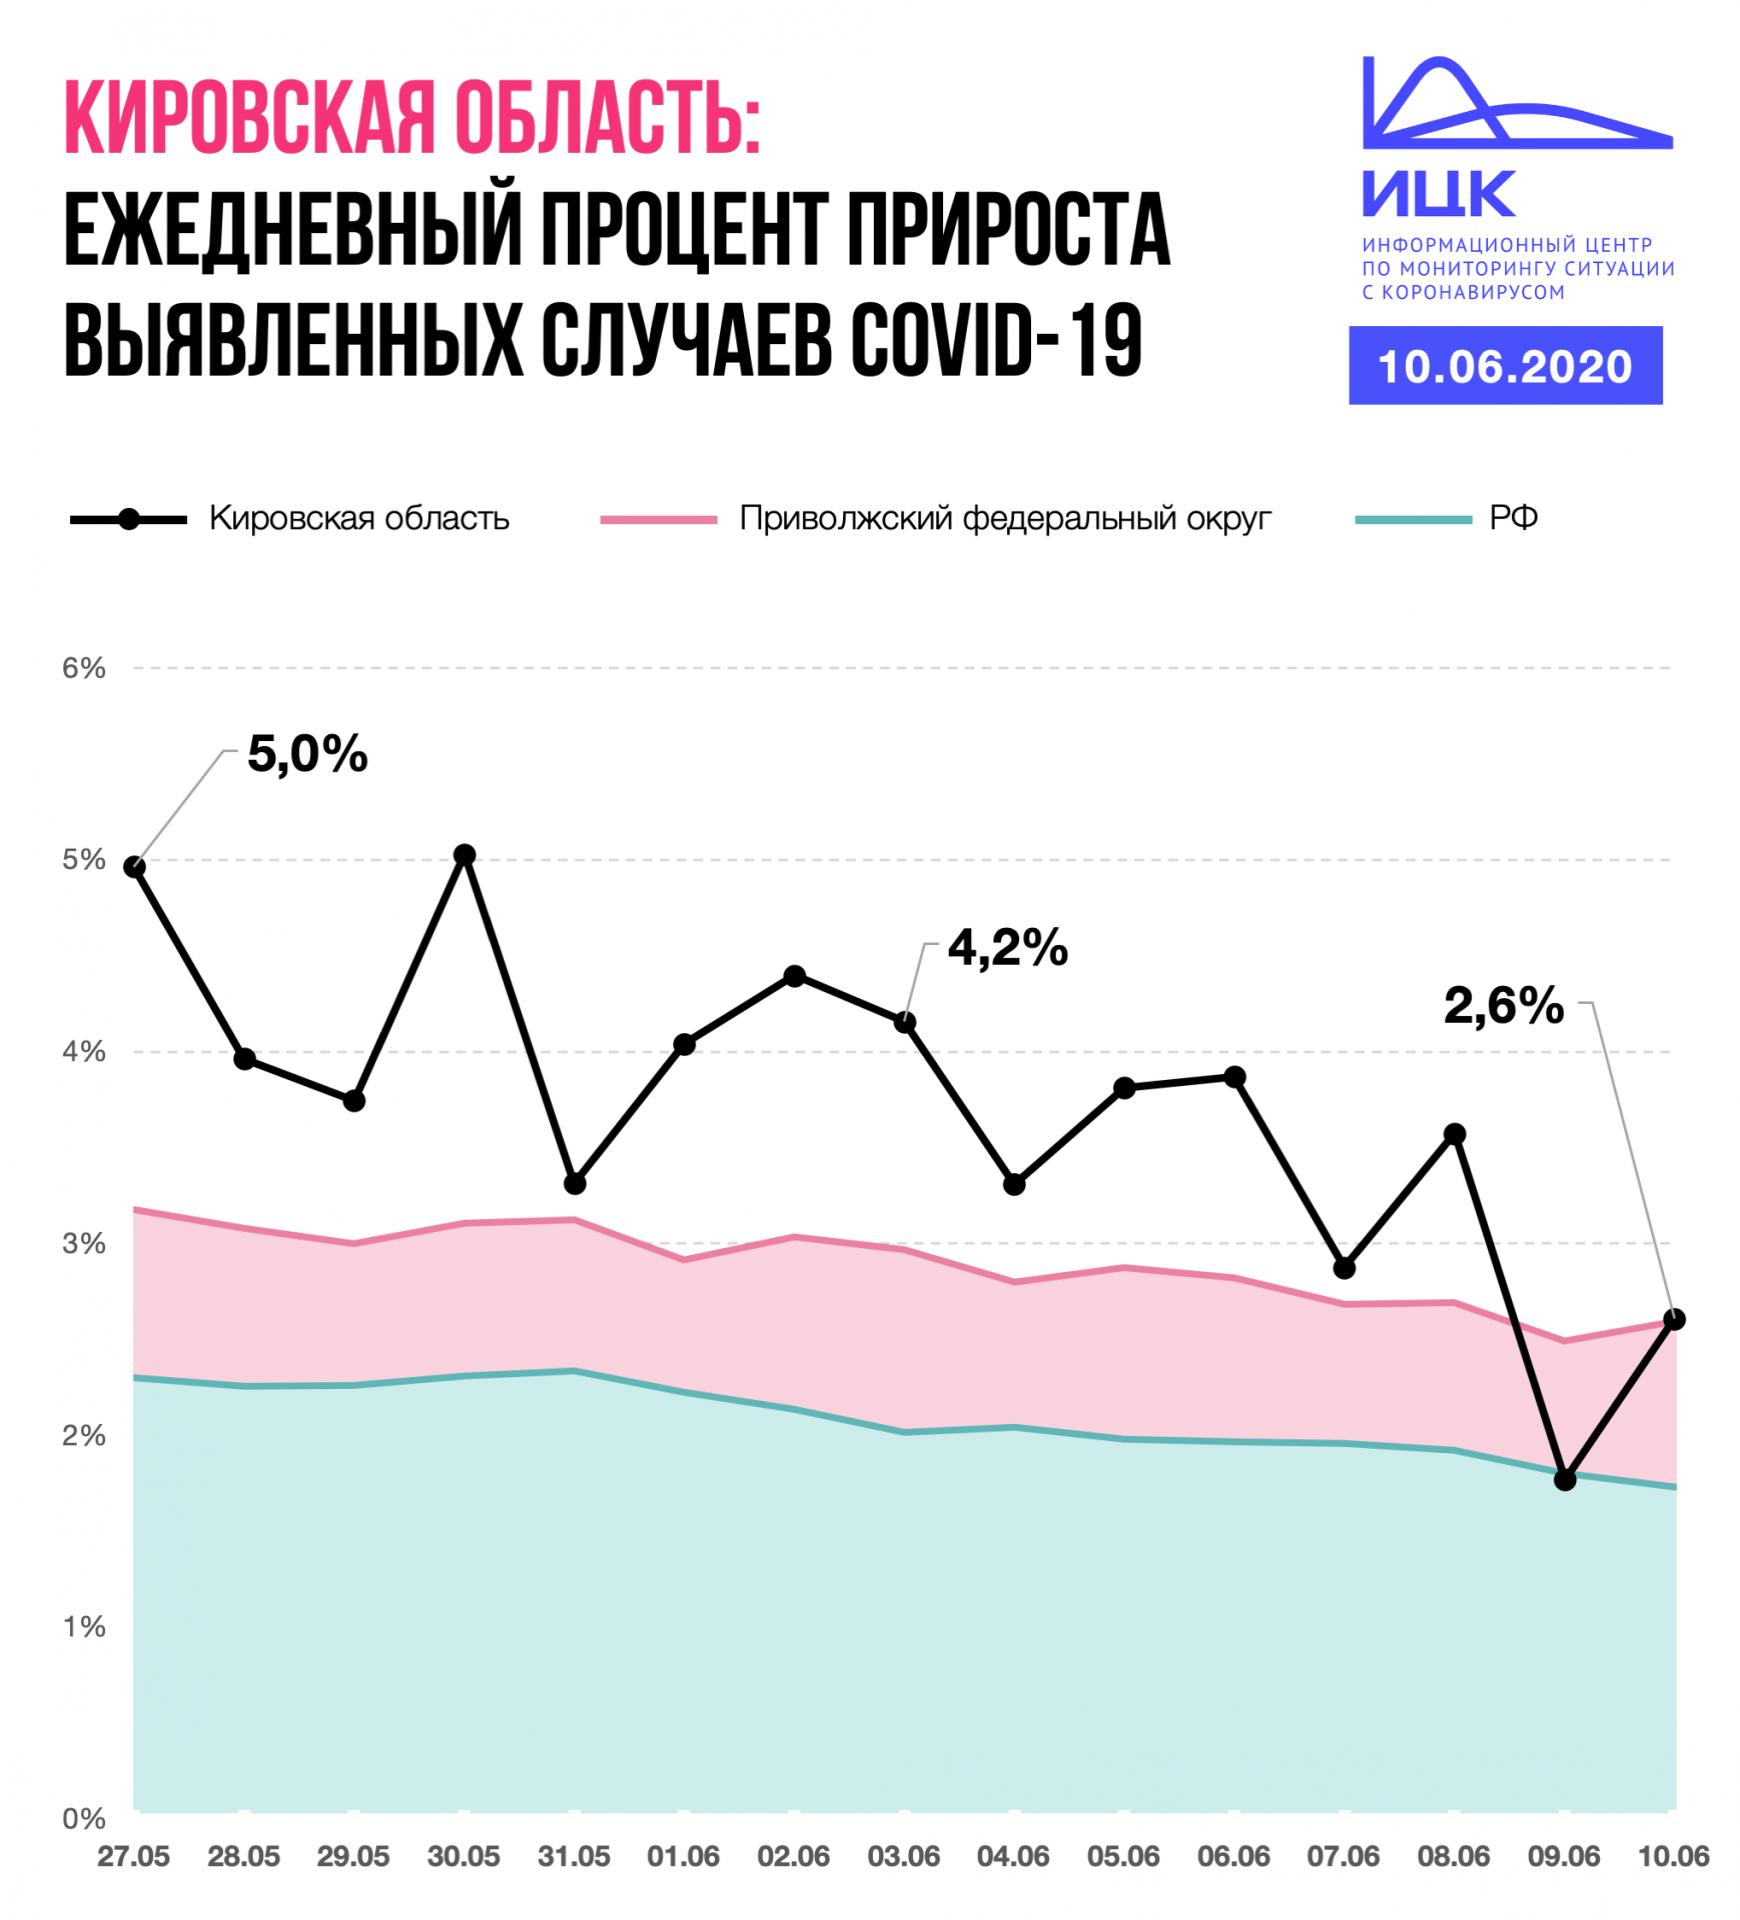 В Кировской области снизился ежедневный процент прироста заболевших коронавирусом.